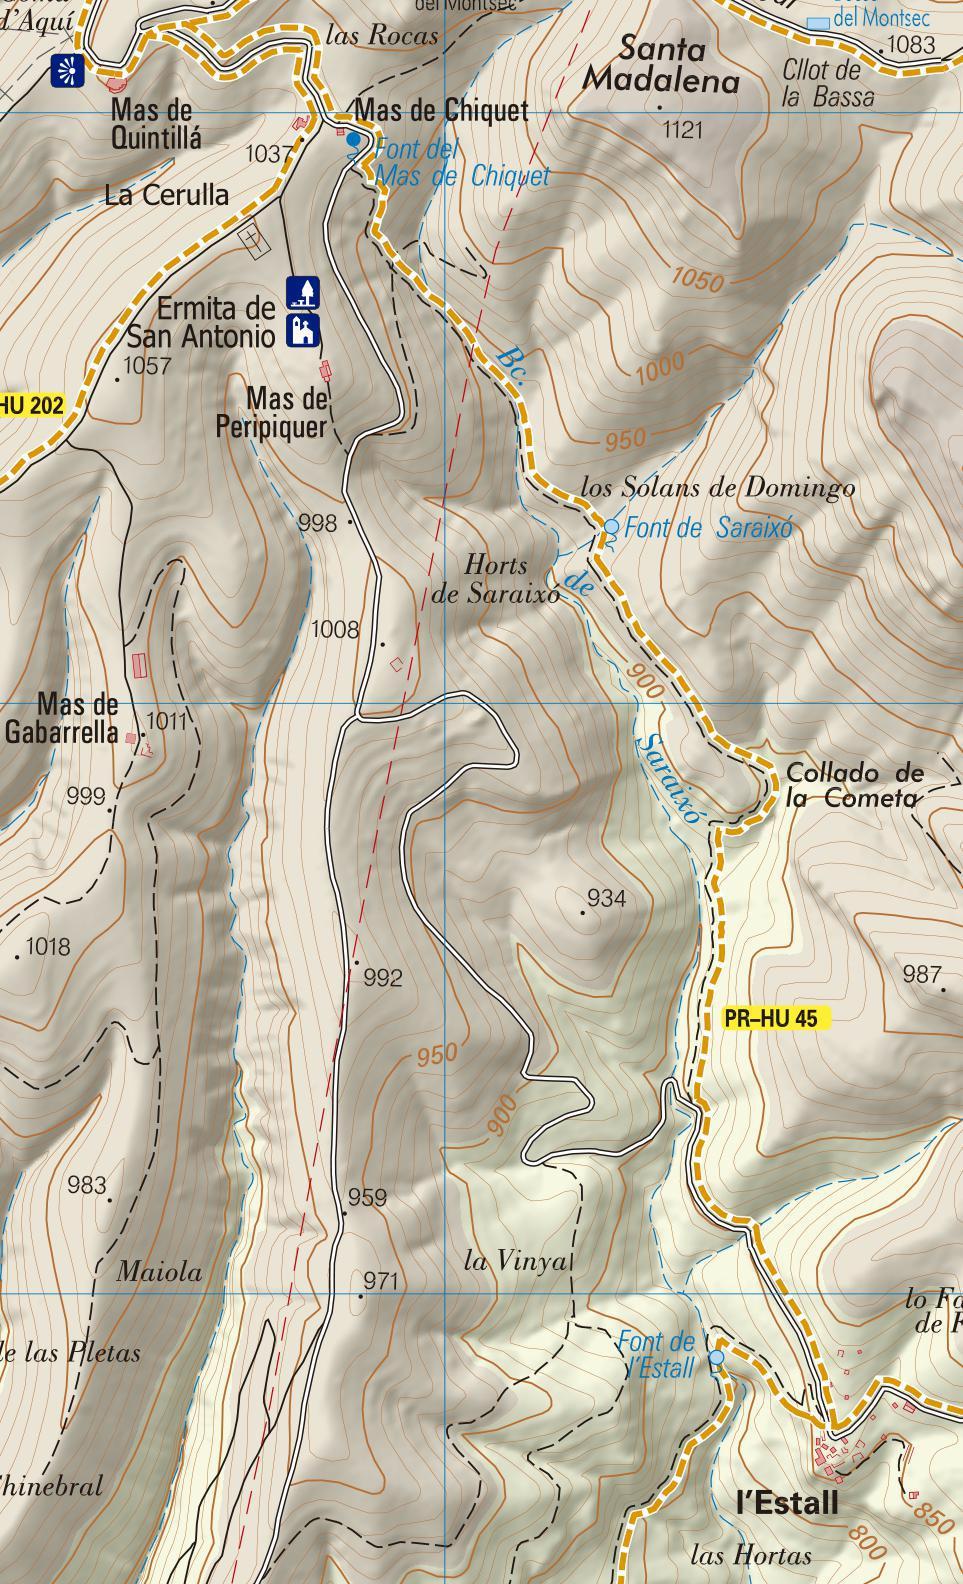 PR-HU 45, etapa 4: Mas de Quintillá - l'Estall